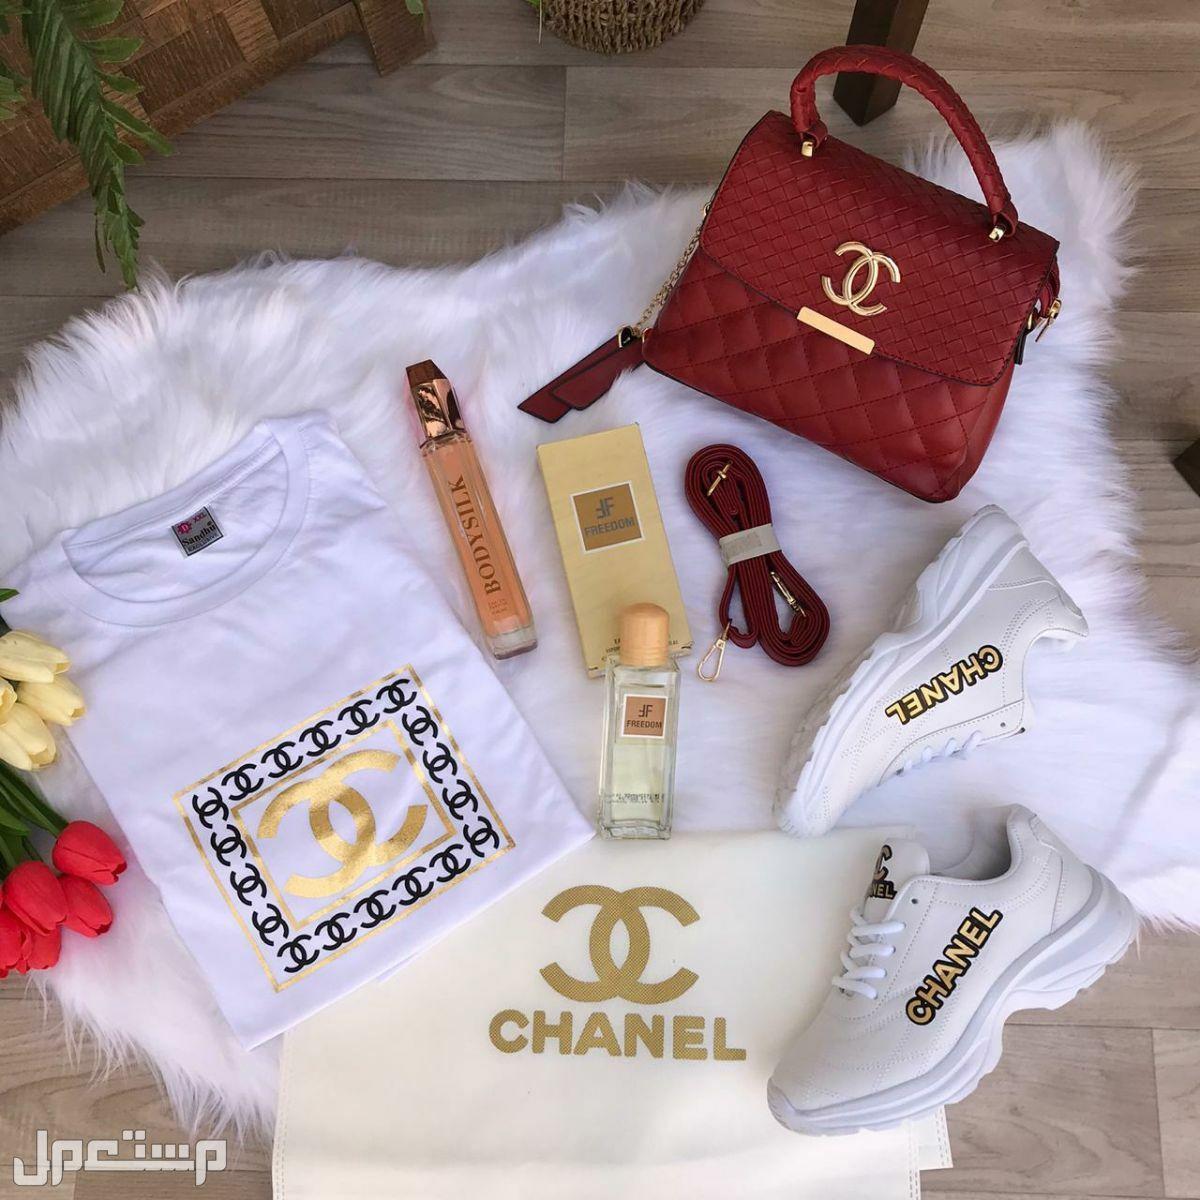 افخم الشنط والشوزات # اهدي من تحب باجمل الهدايا